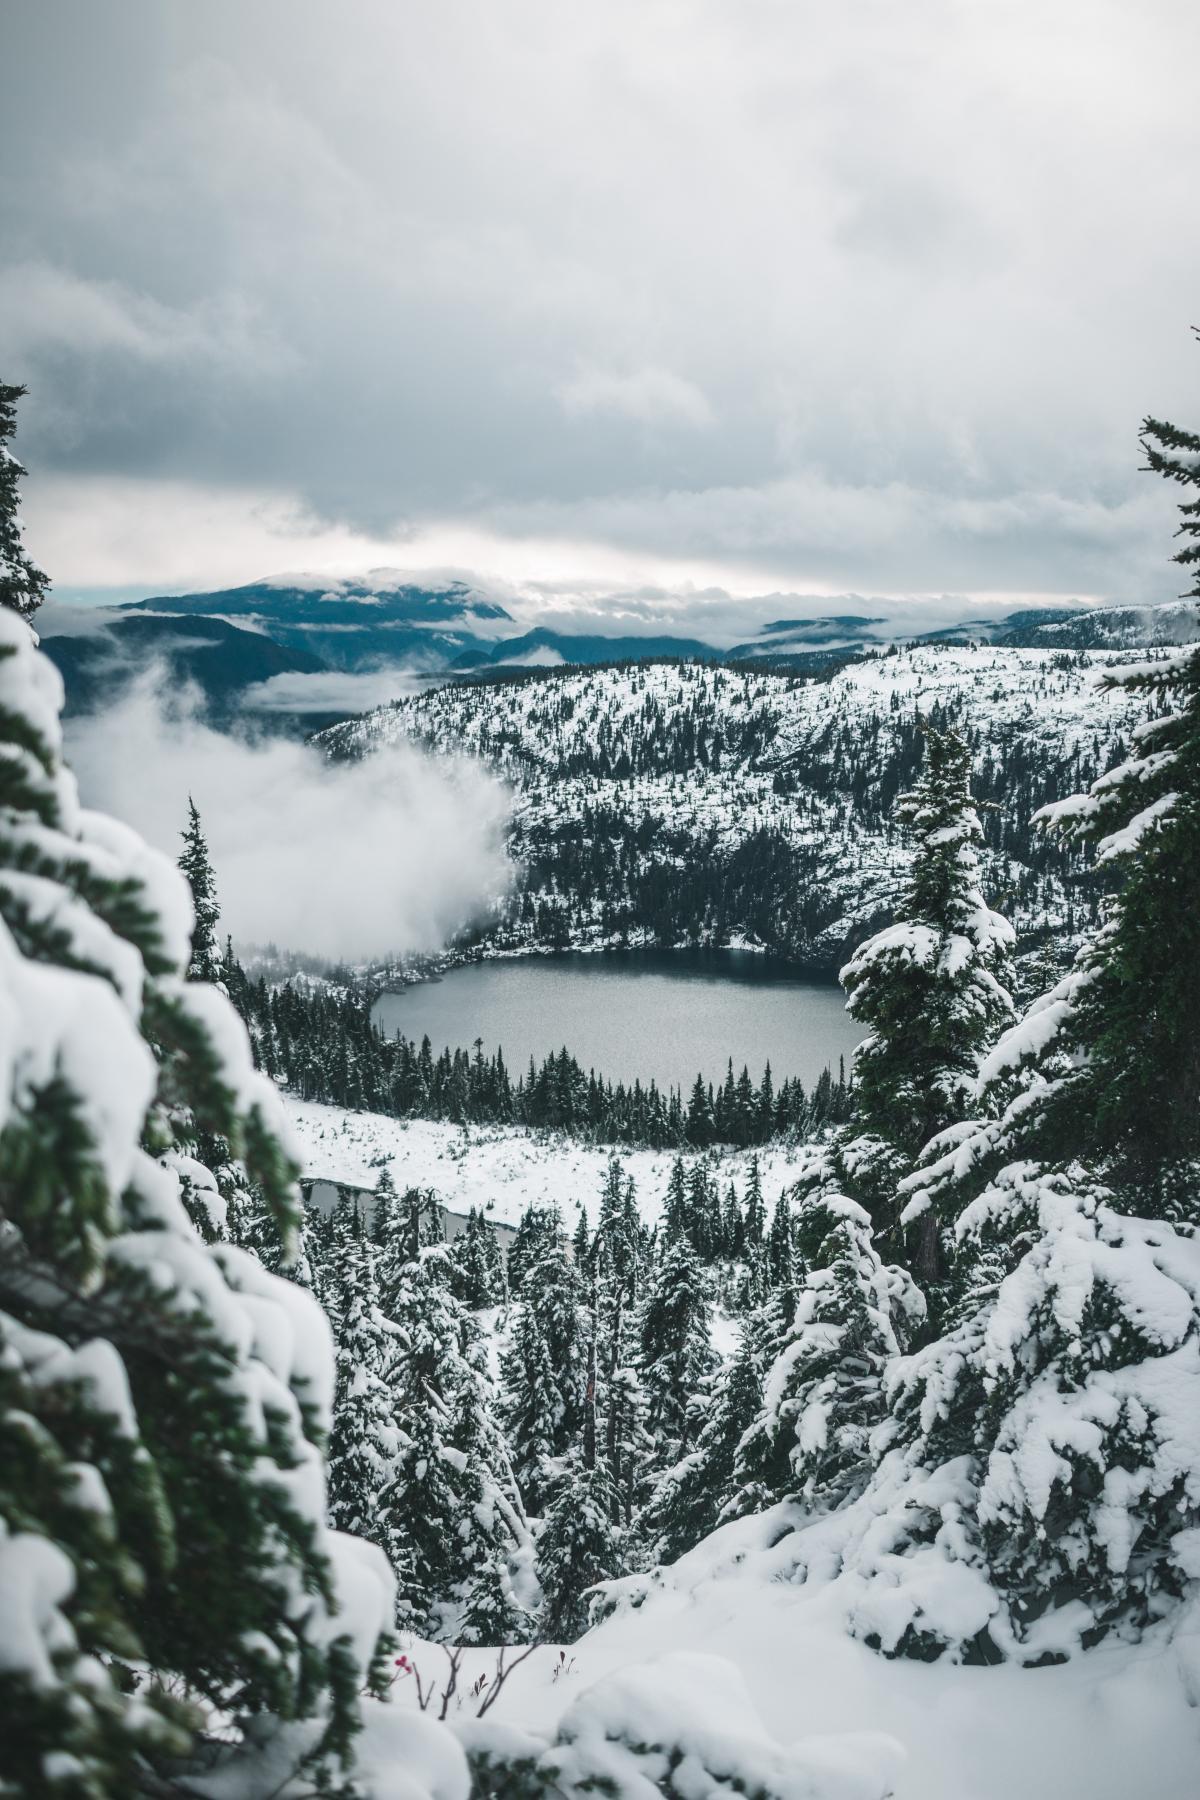 Fir Snow Mountain #421668